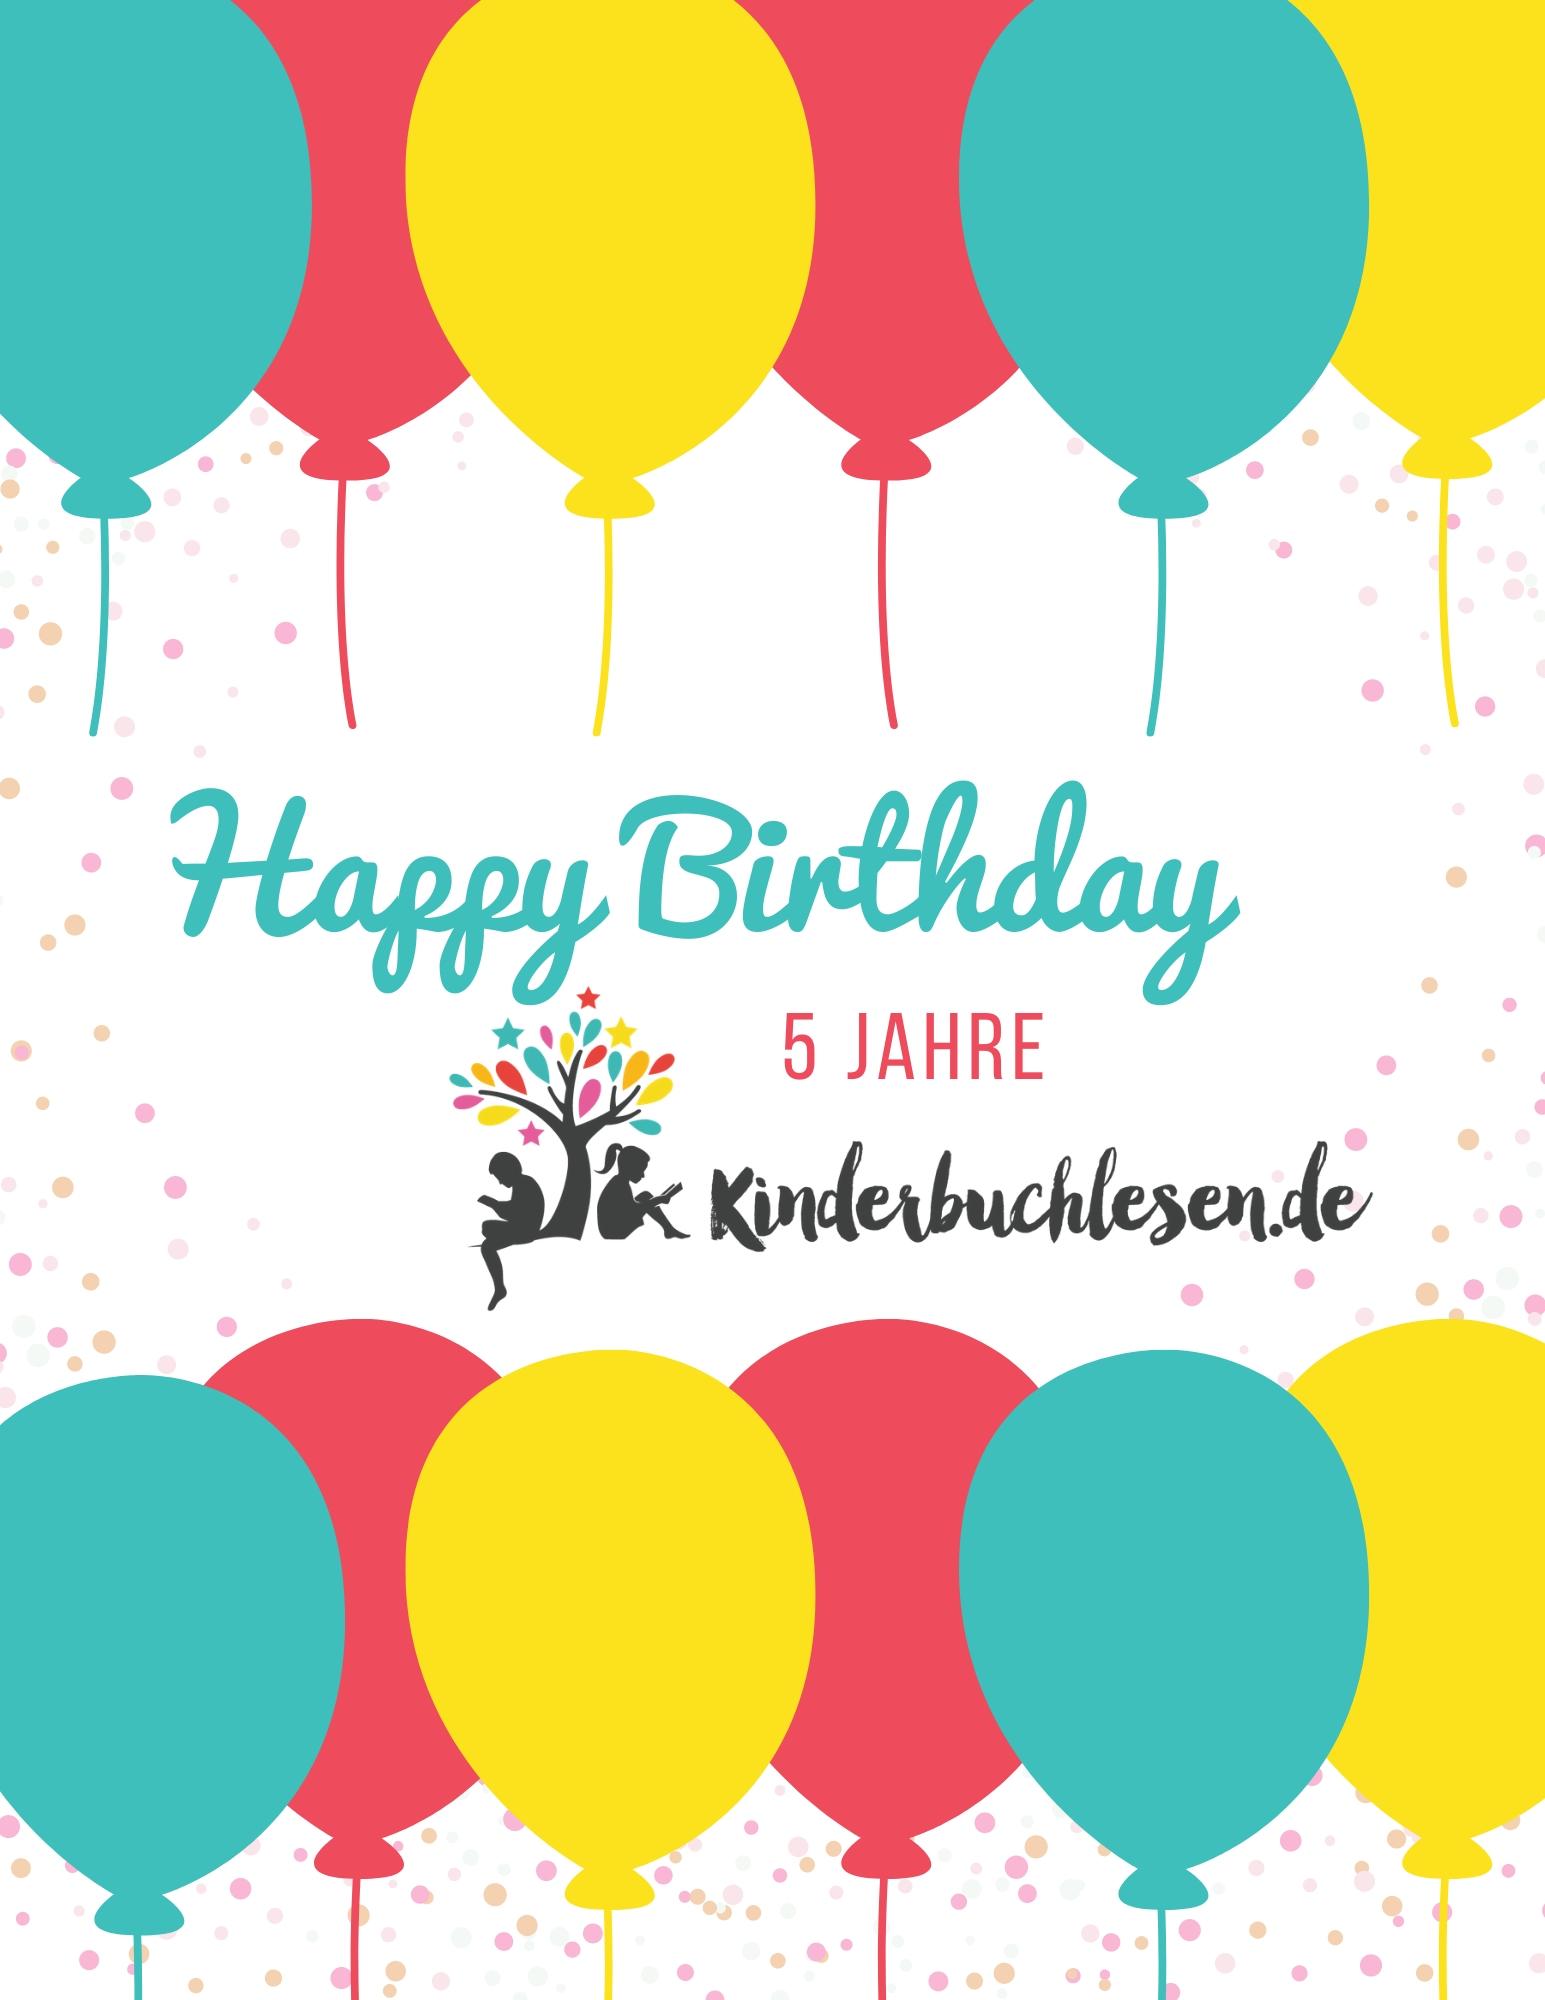 Geburtstag: 5 Jahre Kinderbuchlesen.de